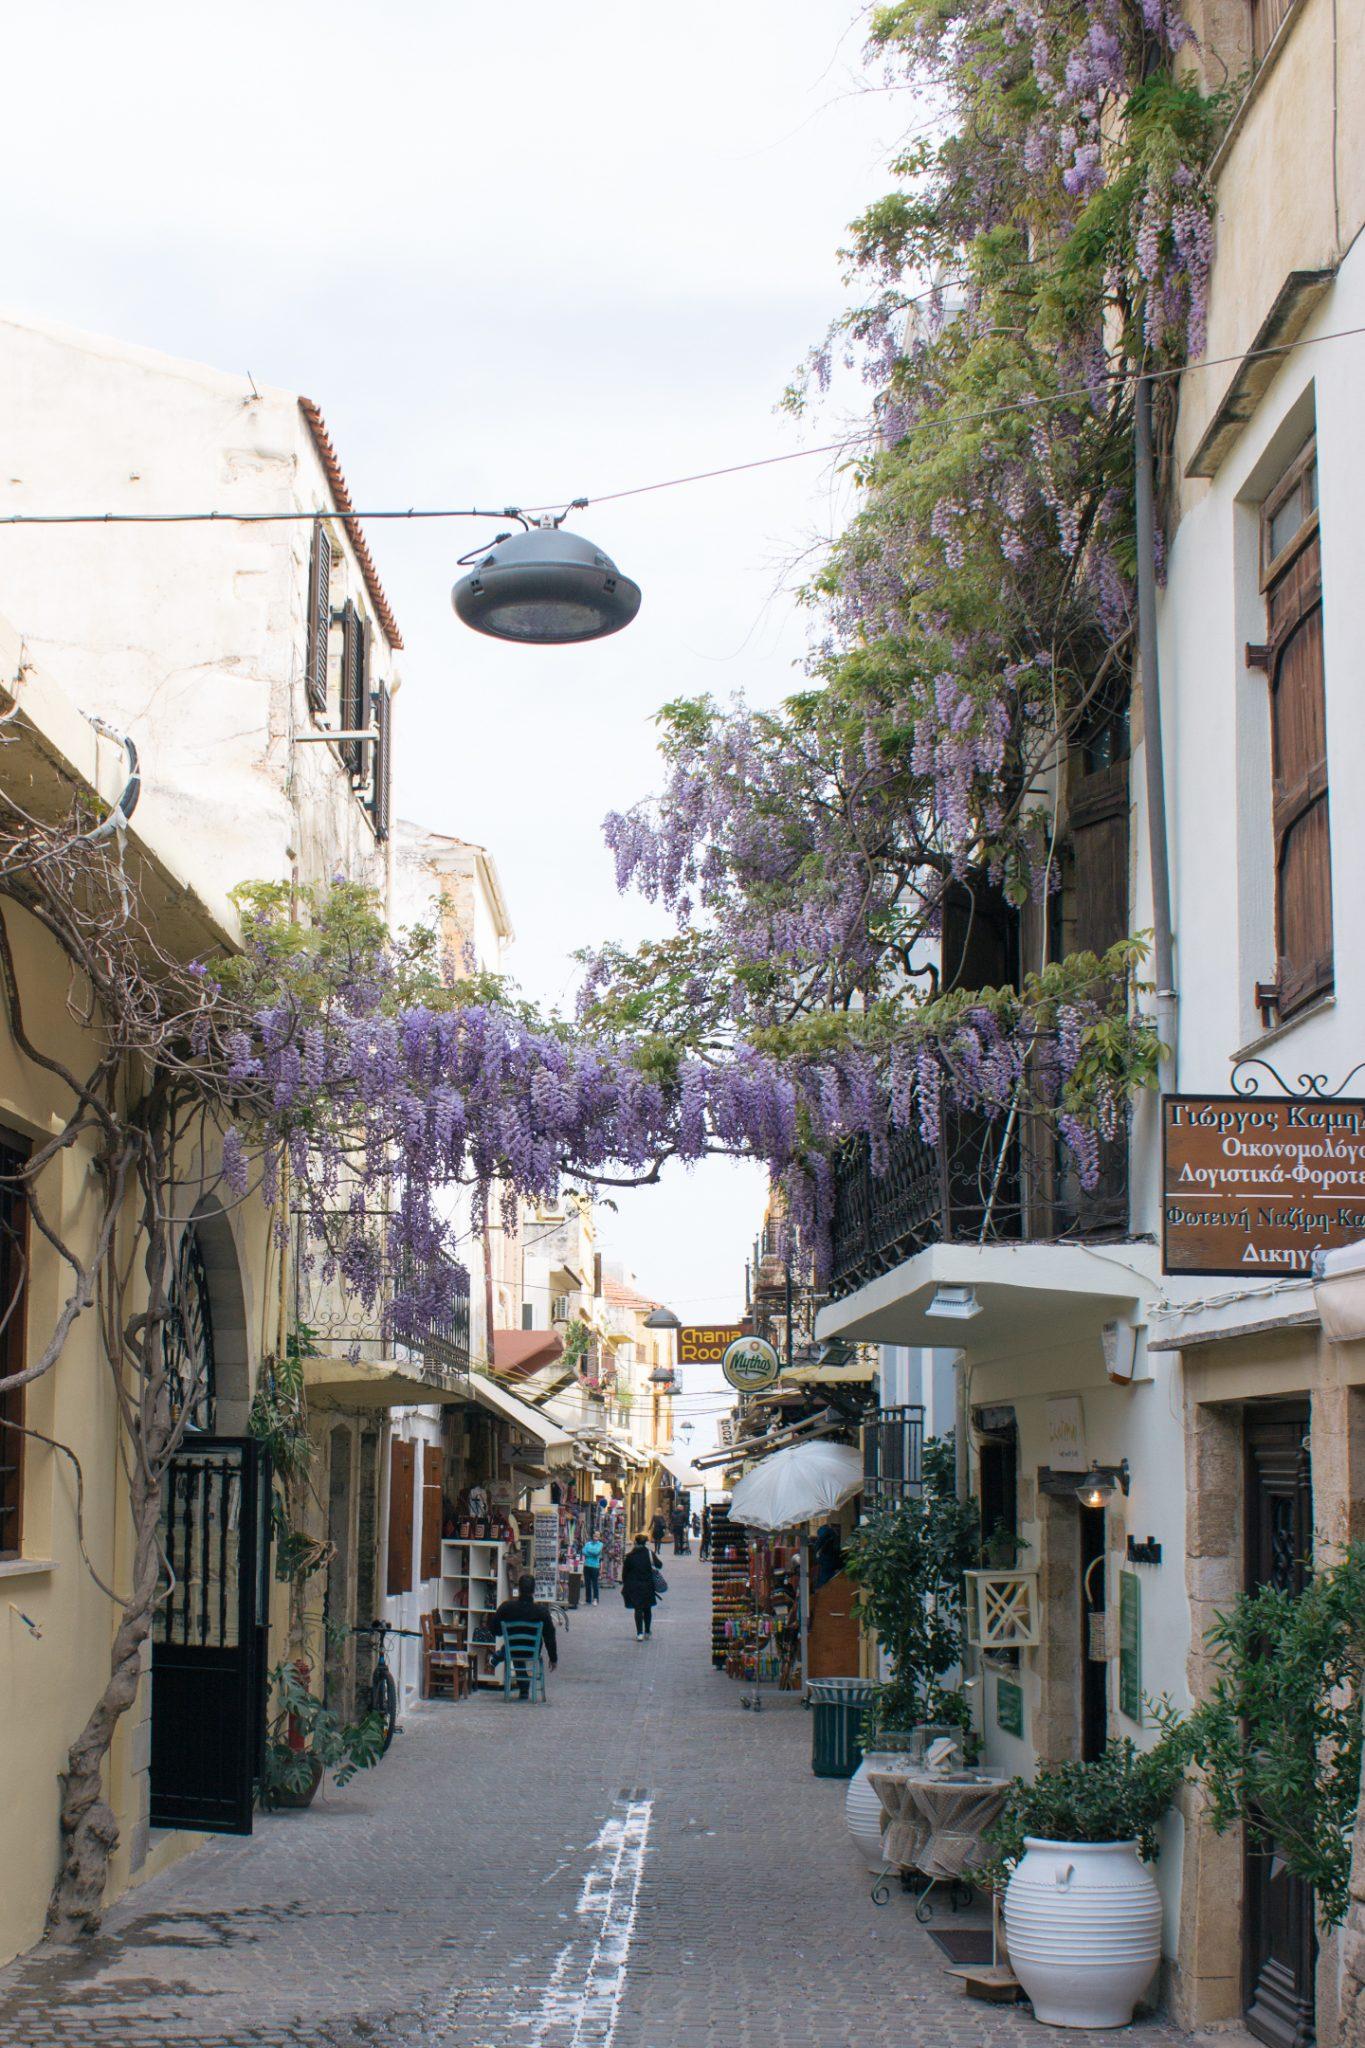 Crete, chania